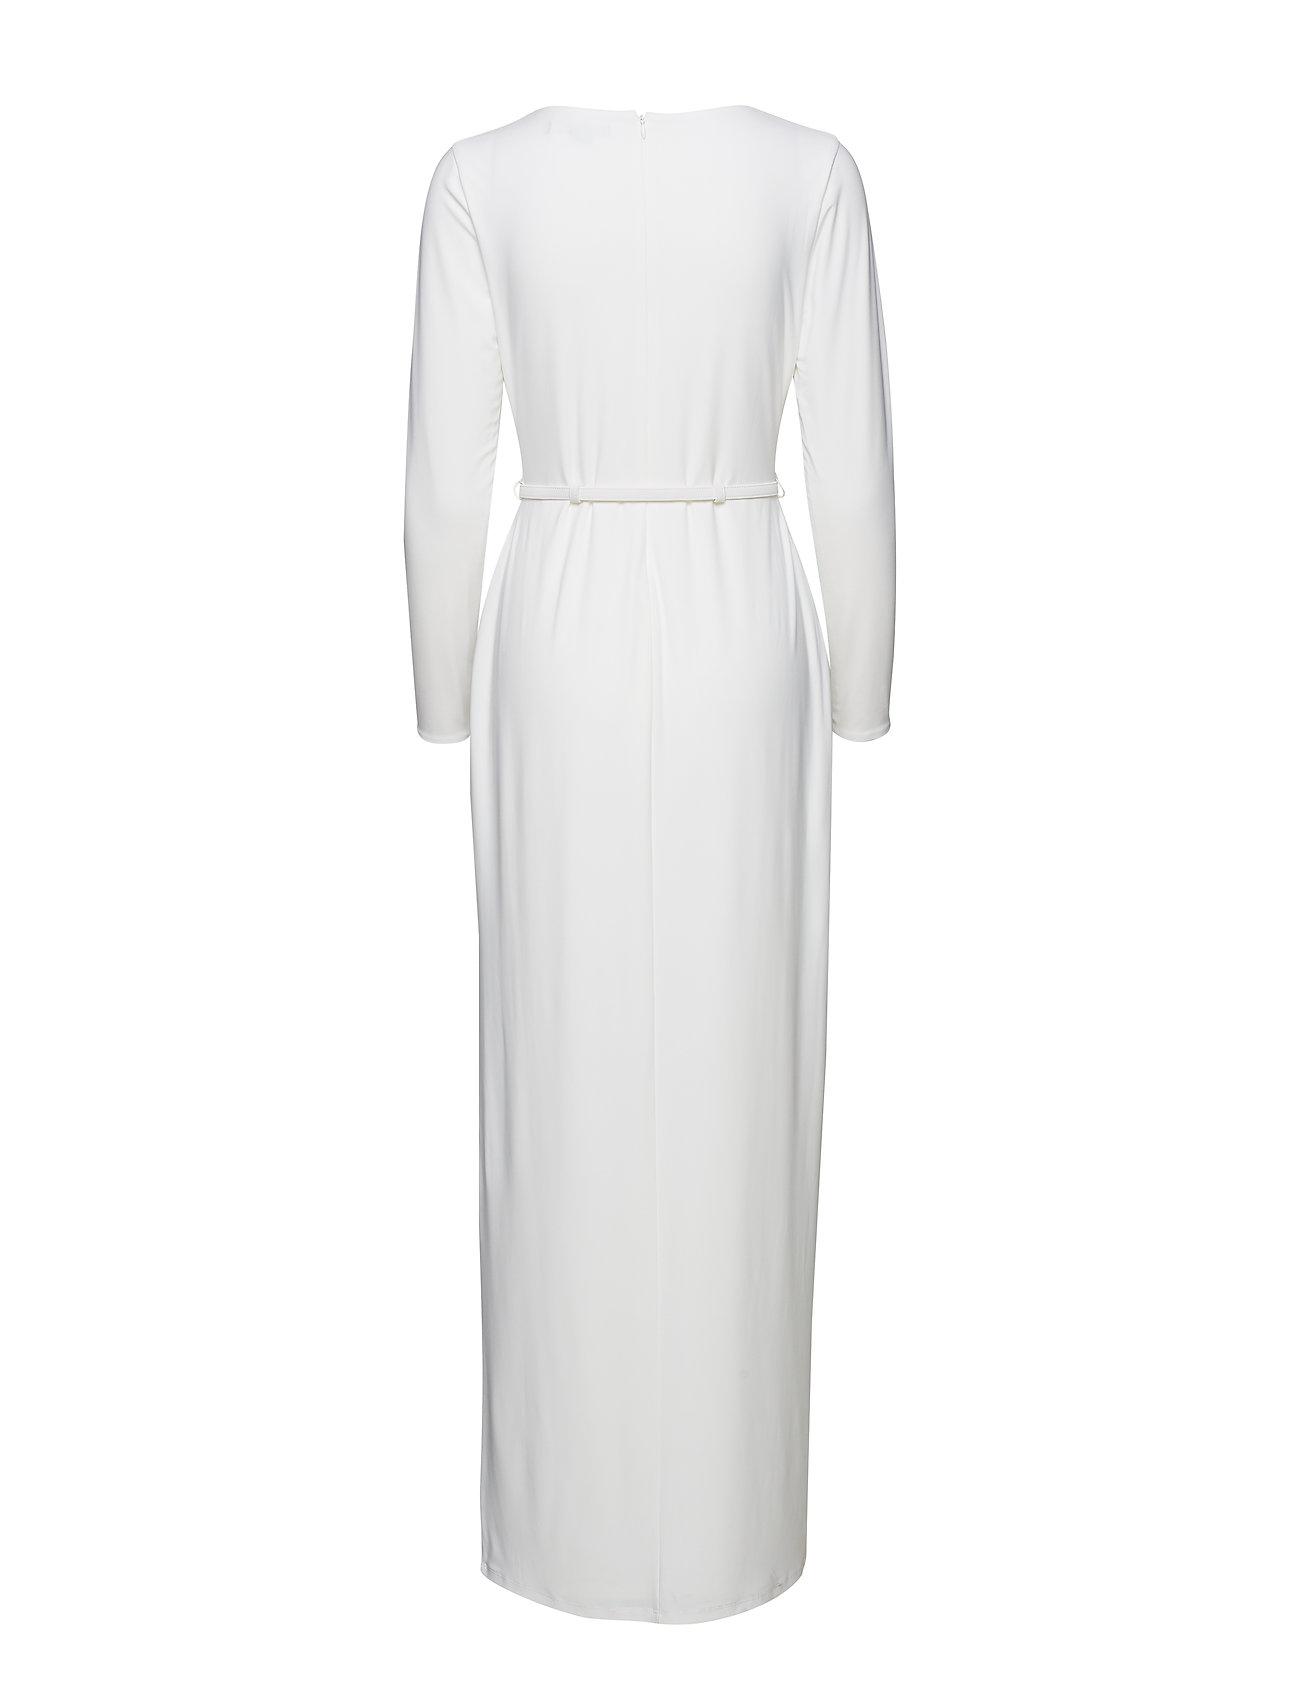 Gownlauren WhiteLauren Jersey Ruched Belted Ralph fgv7ybI6Ym